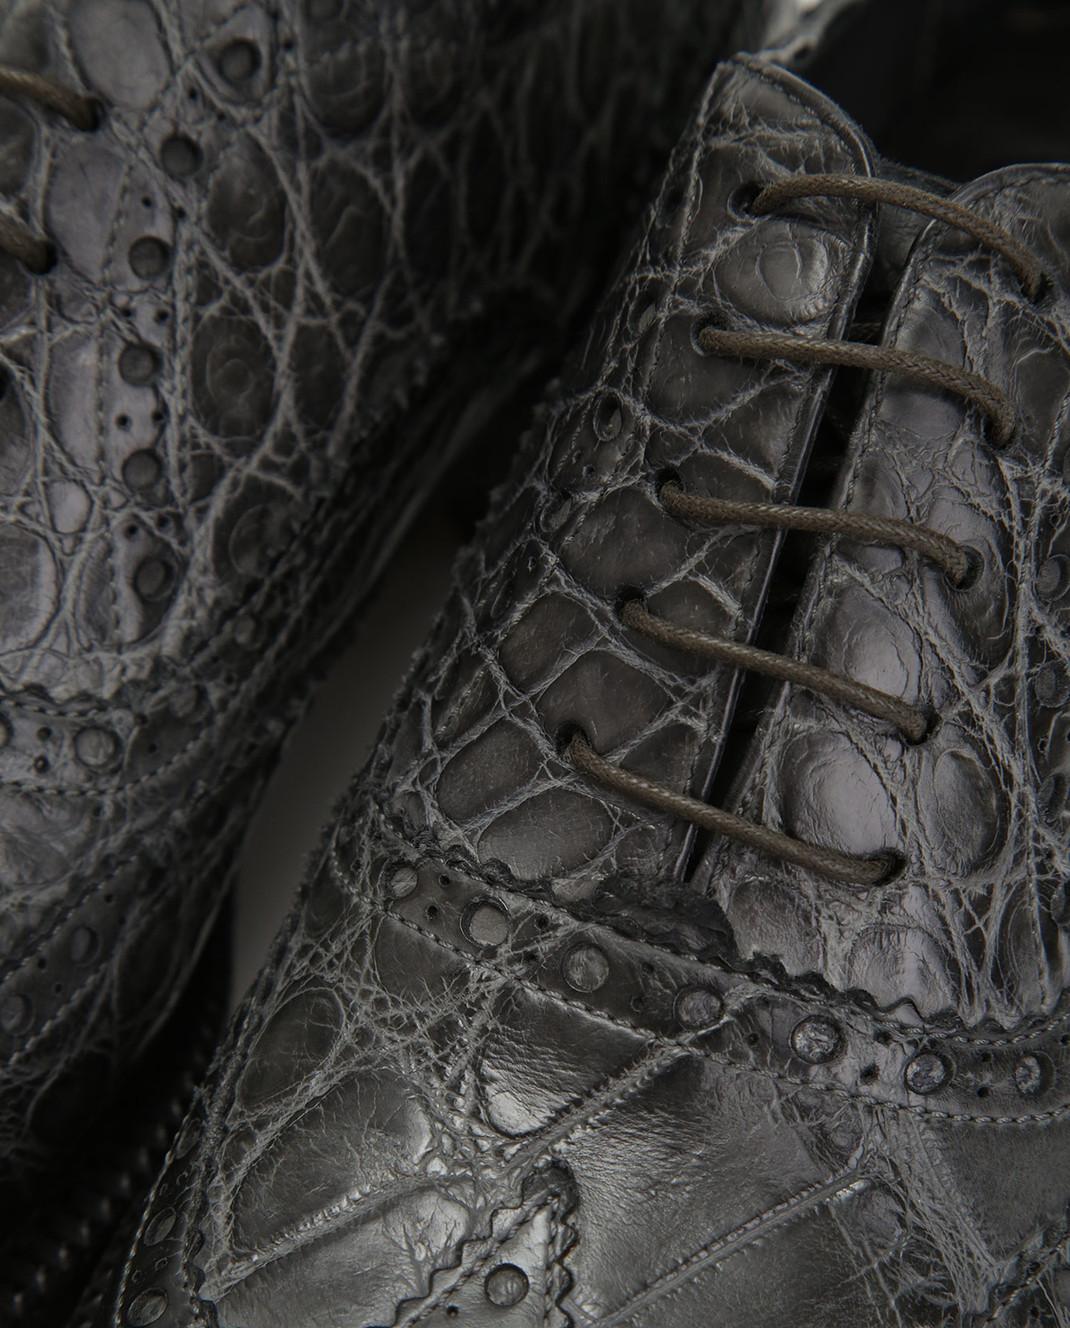 Del Dami Серые оксфорды из кожи аллигатора 3557 изображение 5